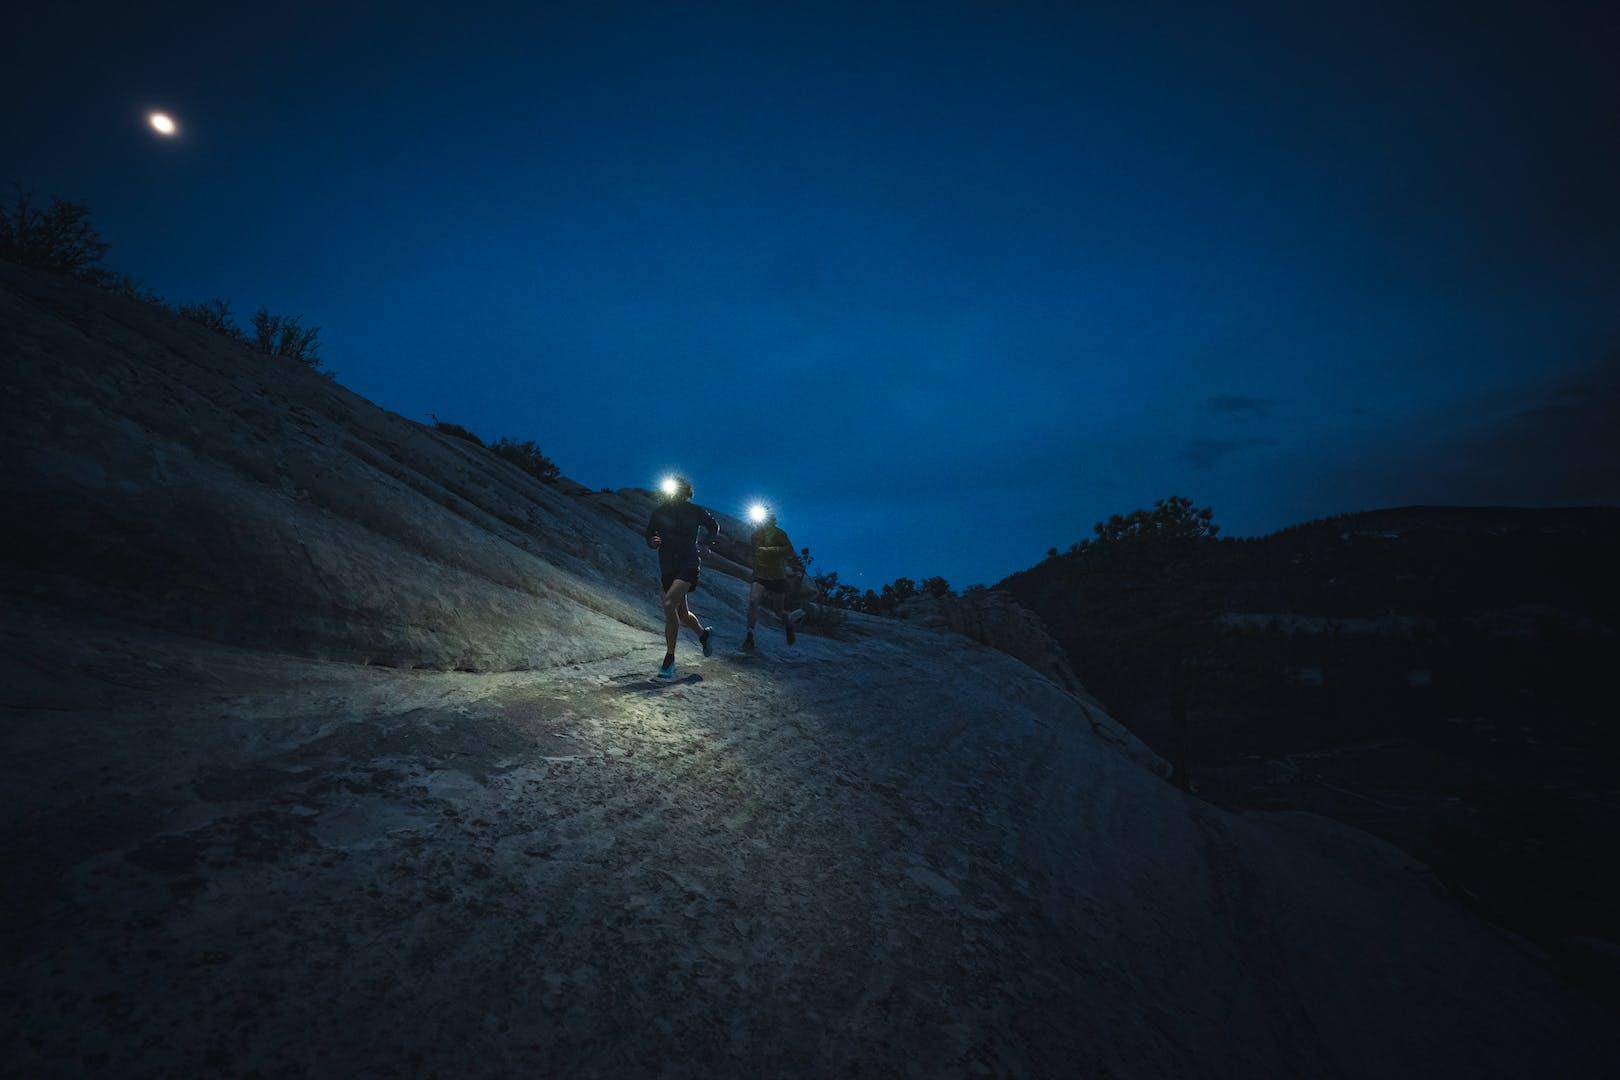 BD athletes Kyle Richardson and Joe Grant running at night